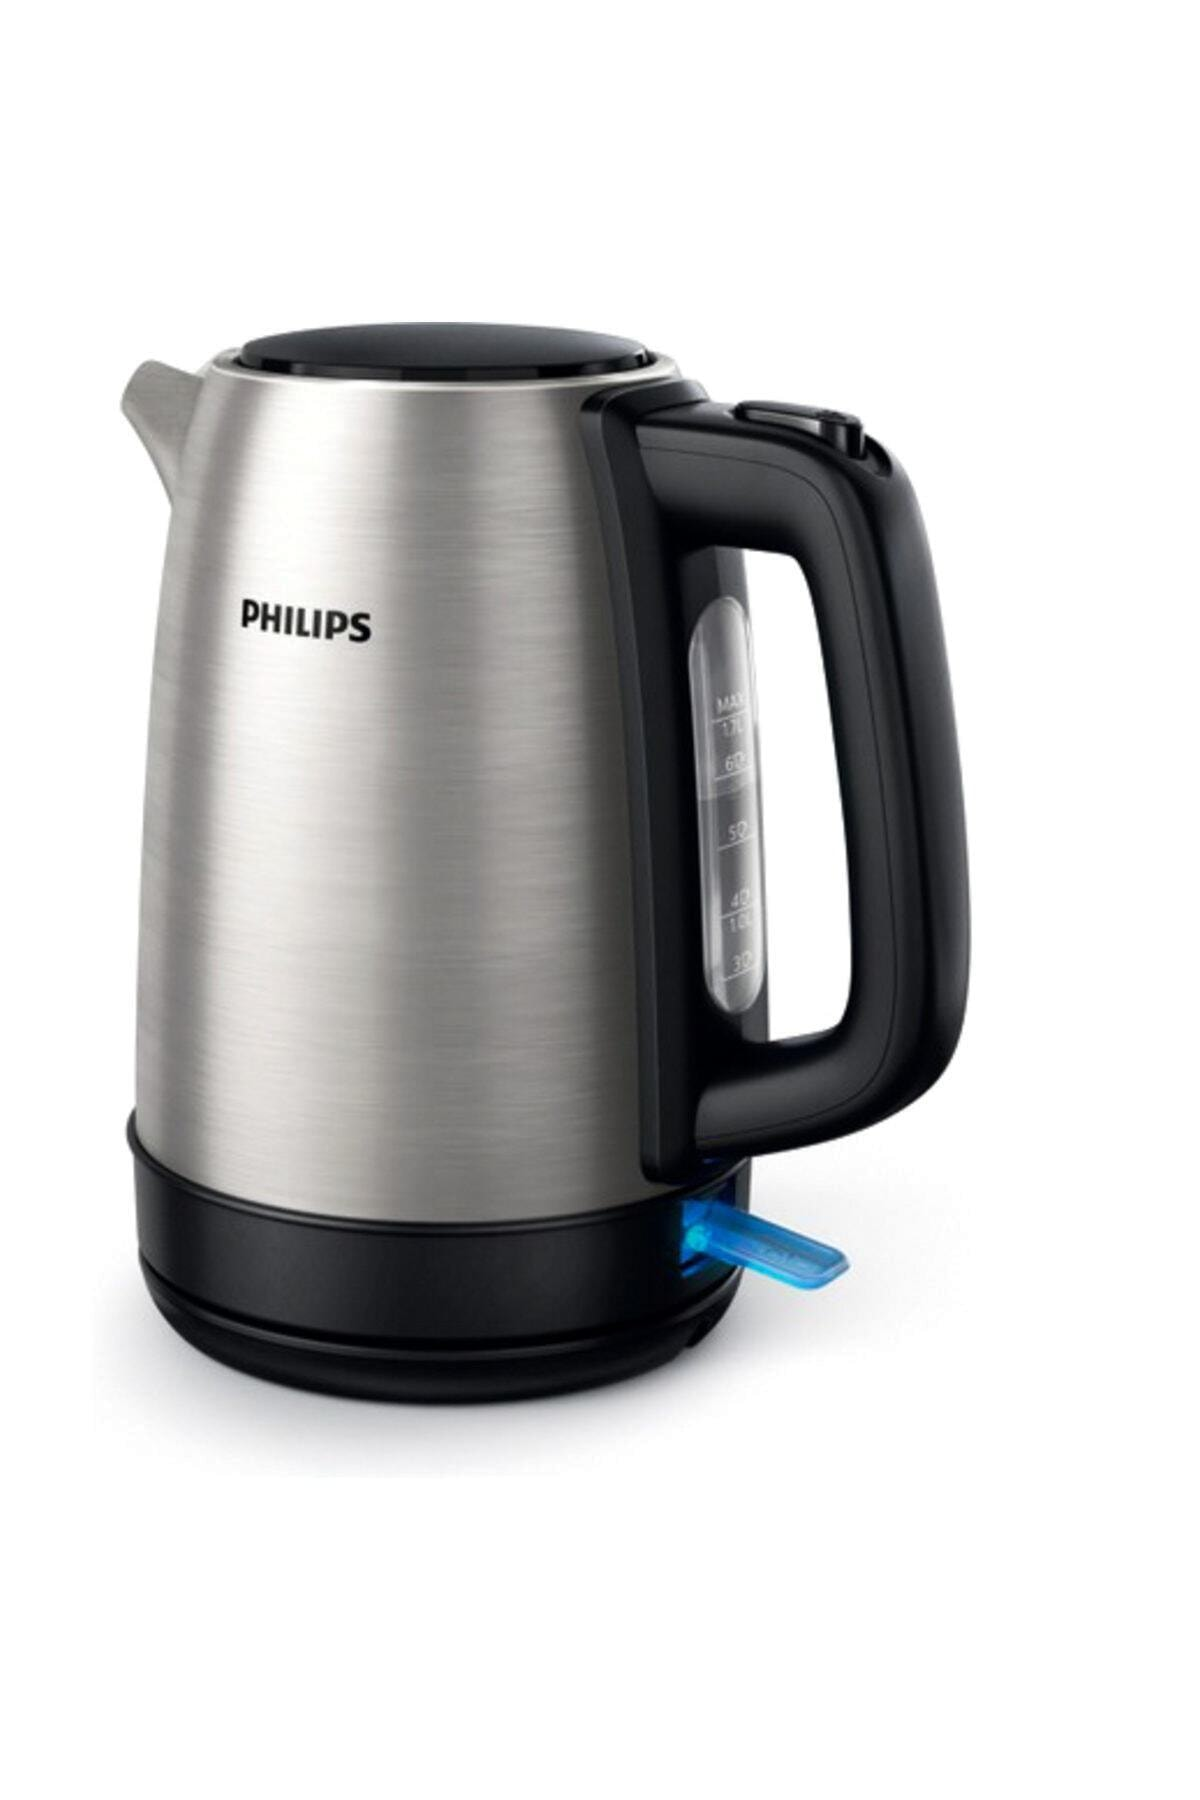 Philips Daily Collection Su Isıtıcı HD-9350/90 2